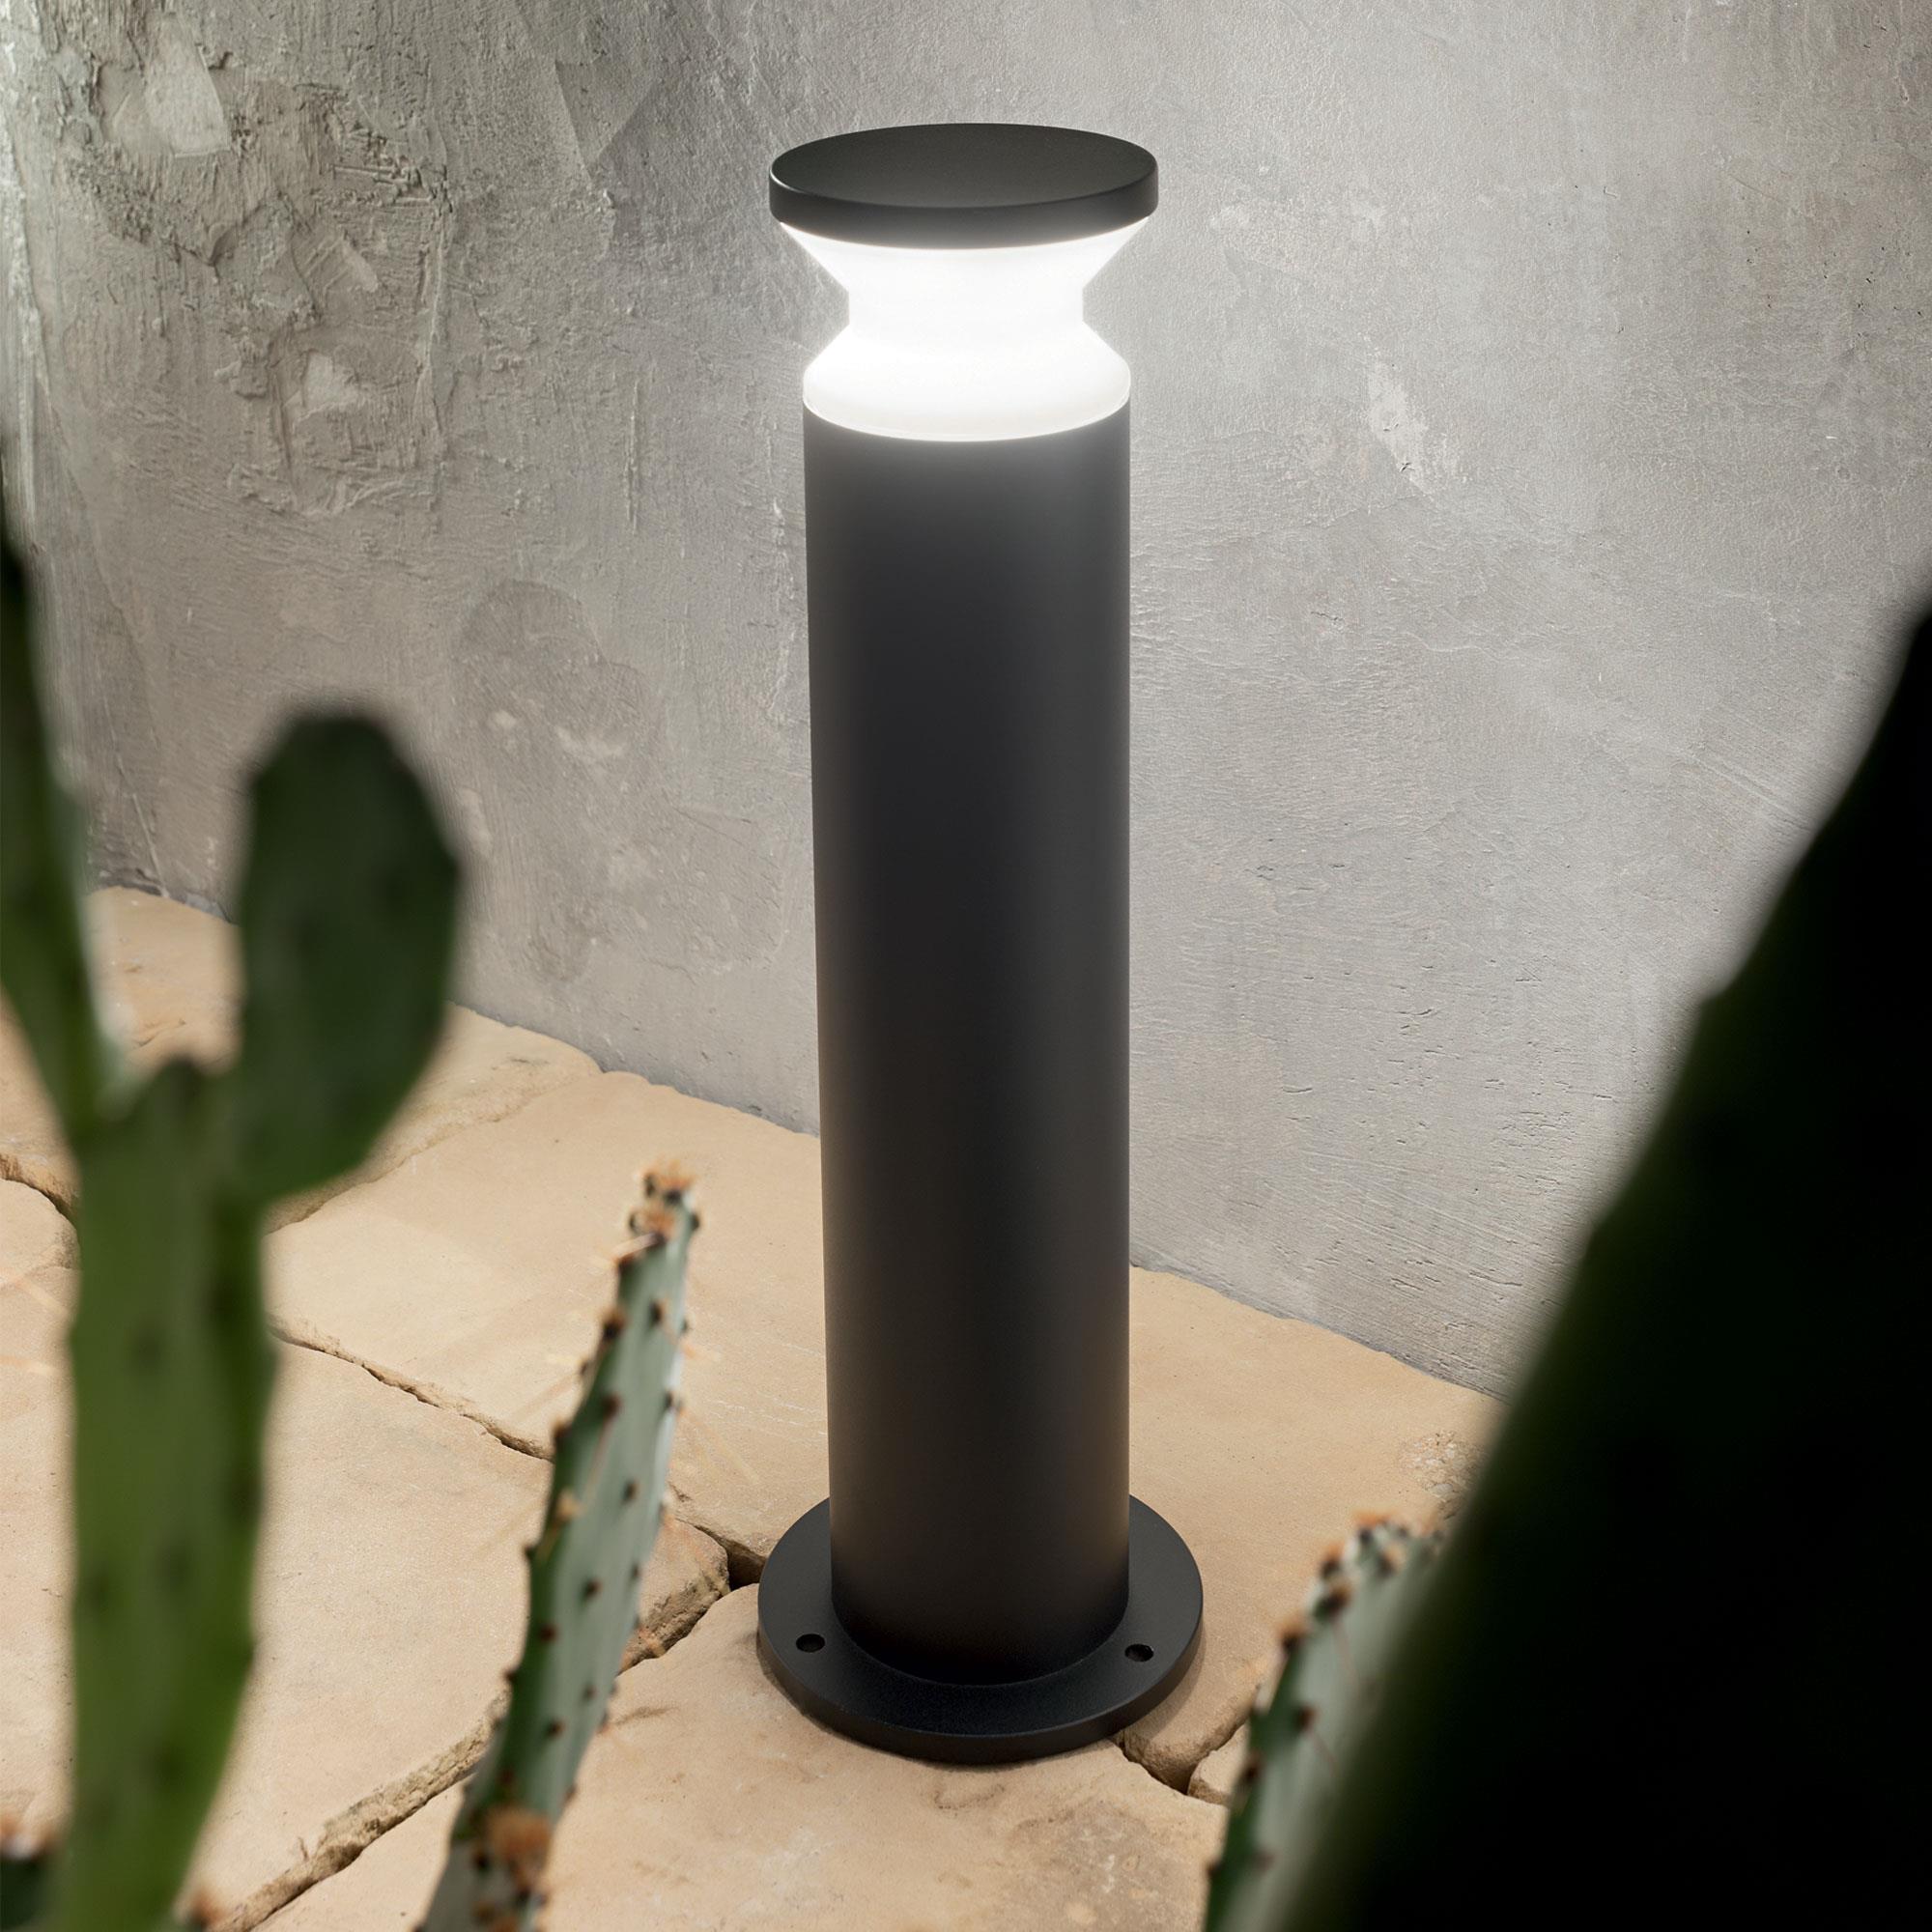 Ideal Lux 186955 TORRE PT1 BIG NERO kültéri állólámpa